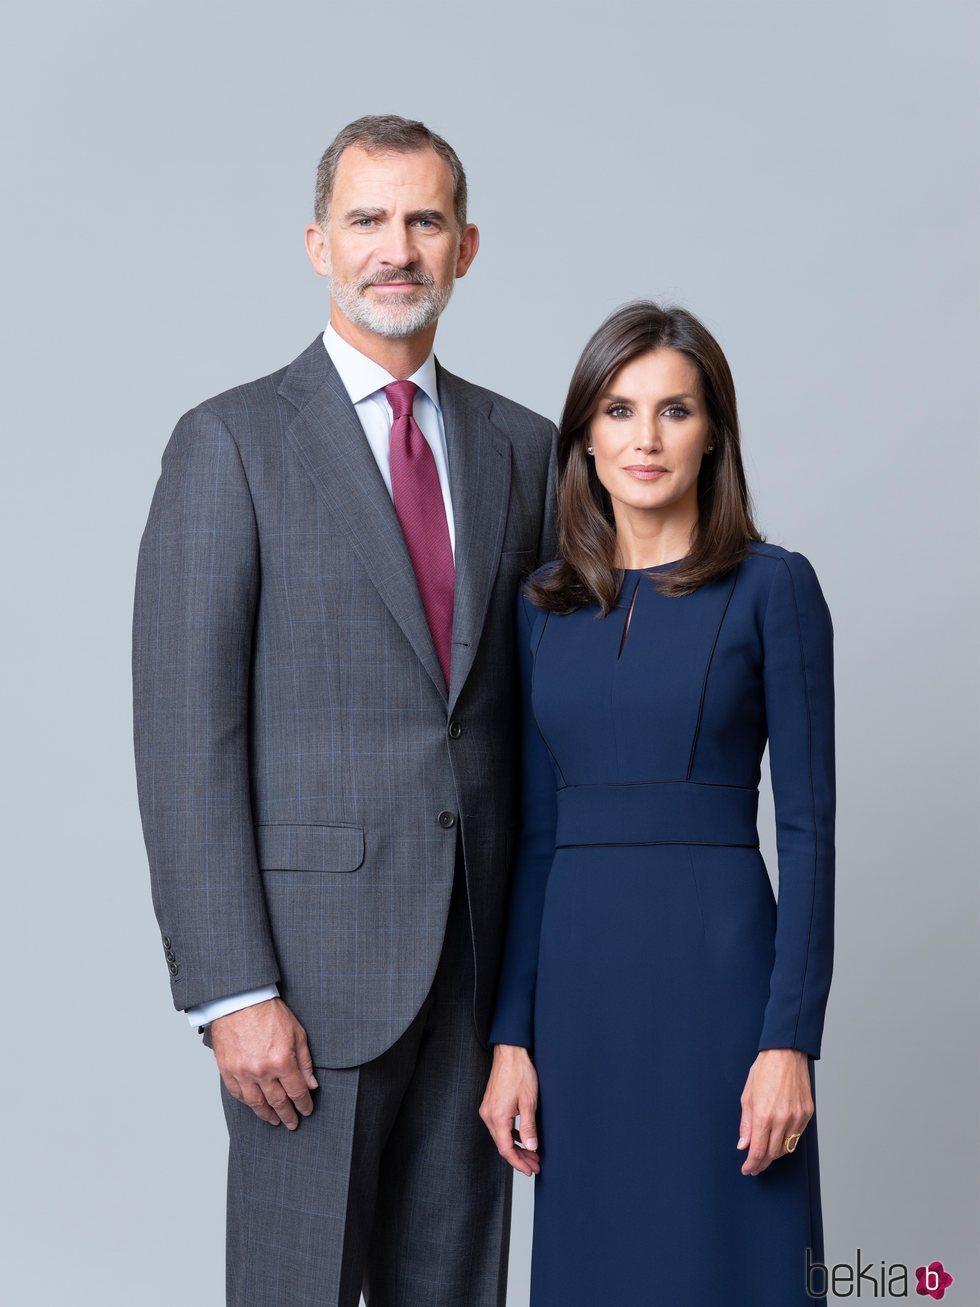 Retrato oficial de los Reyes Felipe y Letizia